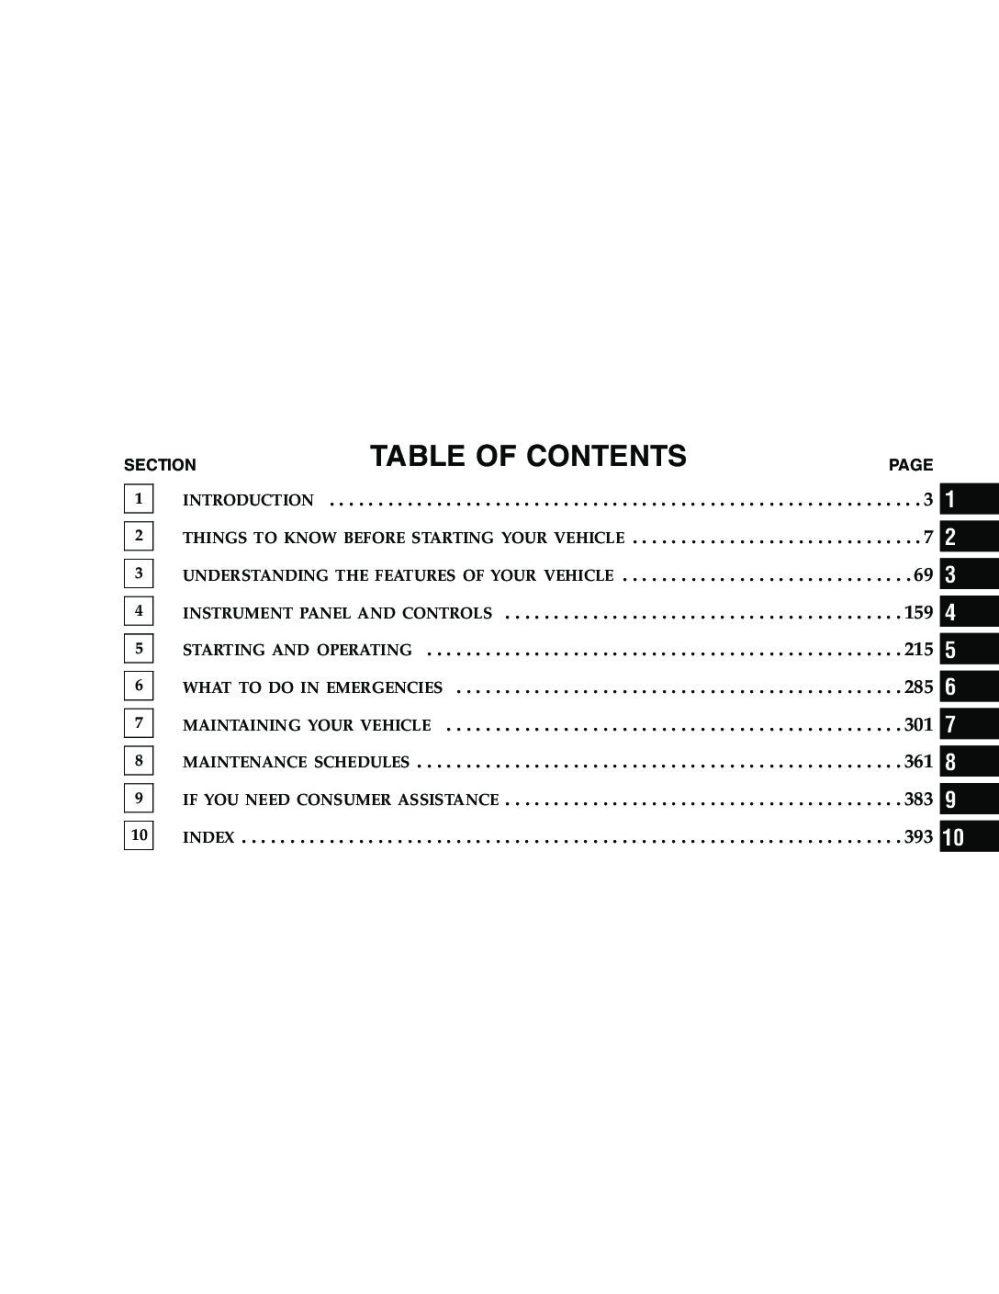 medium resolution of 2005 dodge durango owner s manual